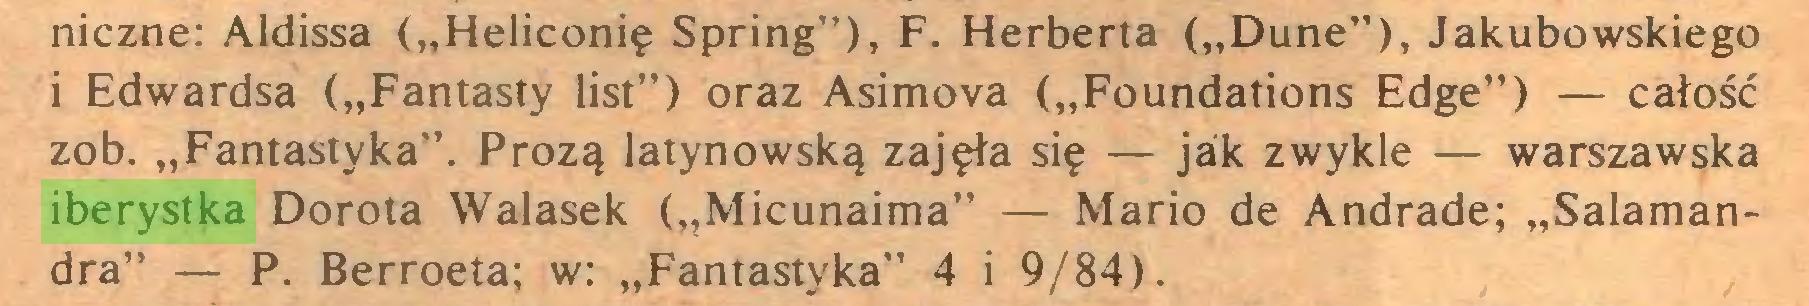 """(...) niczne: Aldissa (""""Heliconię Spring""""), F. Herberta (""""Dune""""), Jakubowskiego i Edwardsa (""""Fantasty list"""") oraz Asimova (""""Foundations Edge"""") — całość zob. """"Fantastyka"""". Prozą latynowską zajęła się — jak zwykle — warszawska iberystka Dorota Walasek (""""Micunaima"""" — Mario de Andrade; """"Salamandra"""" — P. Berroeta; w: """"Fantastyka"""" 4 i 9/84)..."""